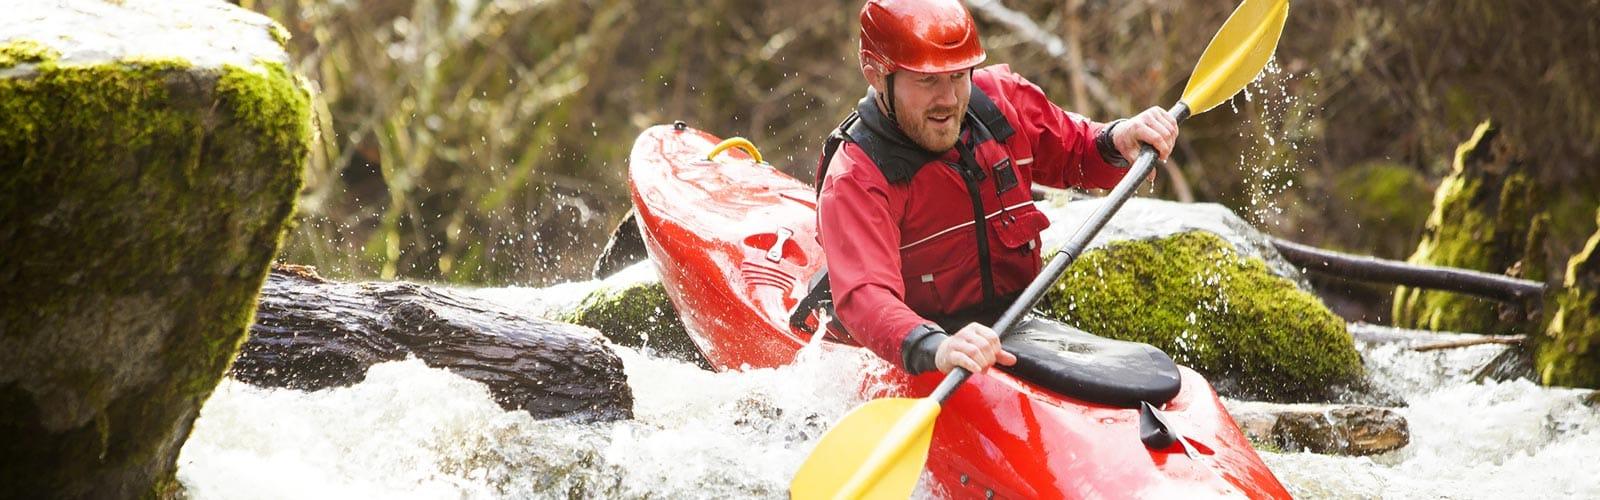 Kayaking Dry Top